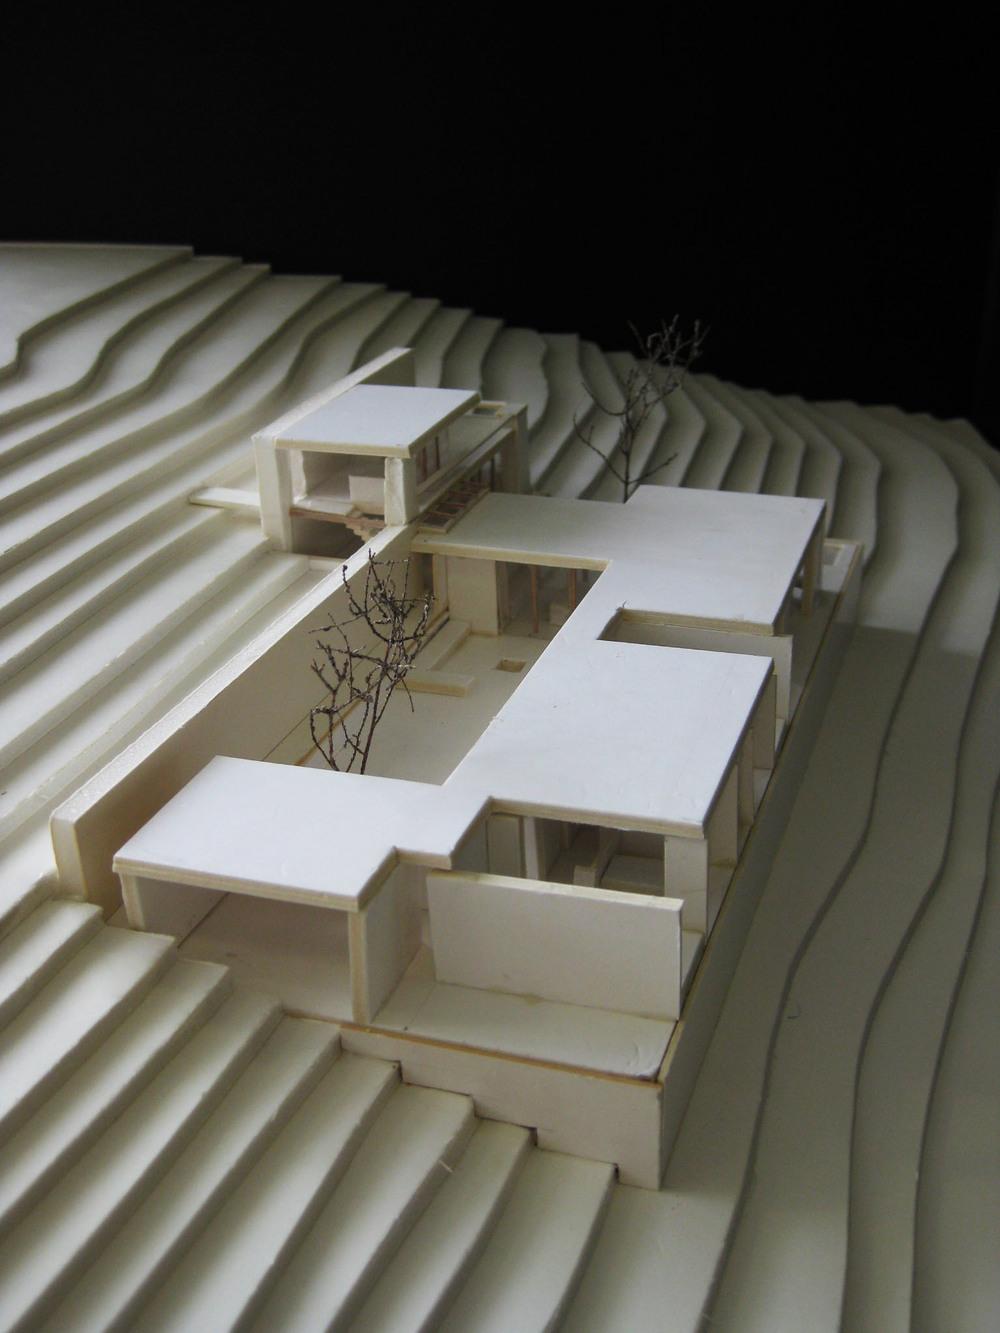 081031 house model 014.jpg